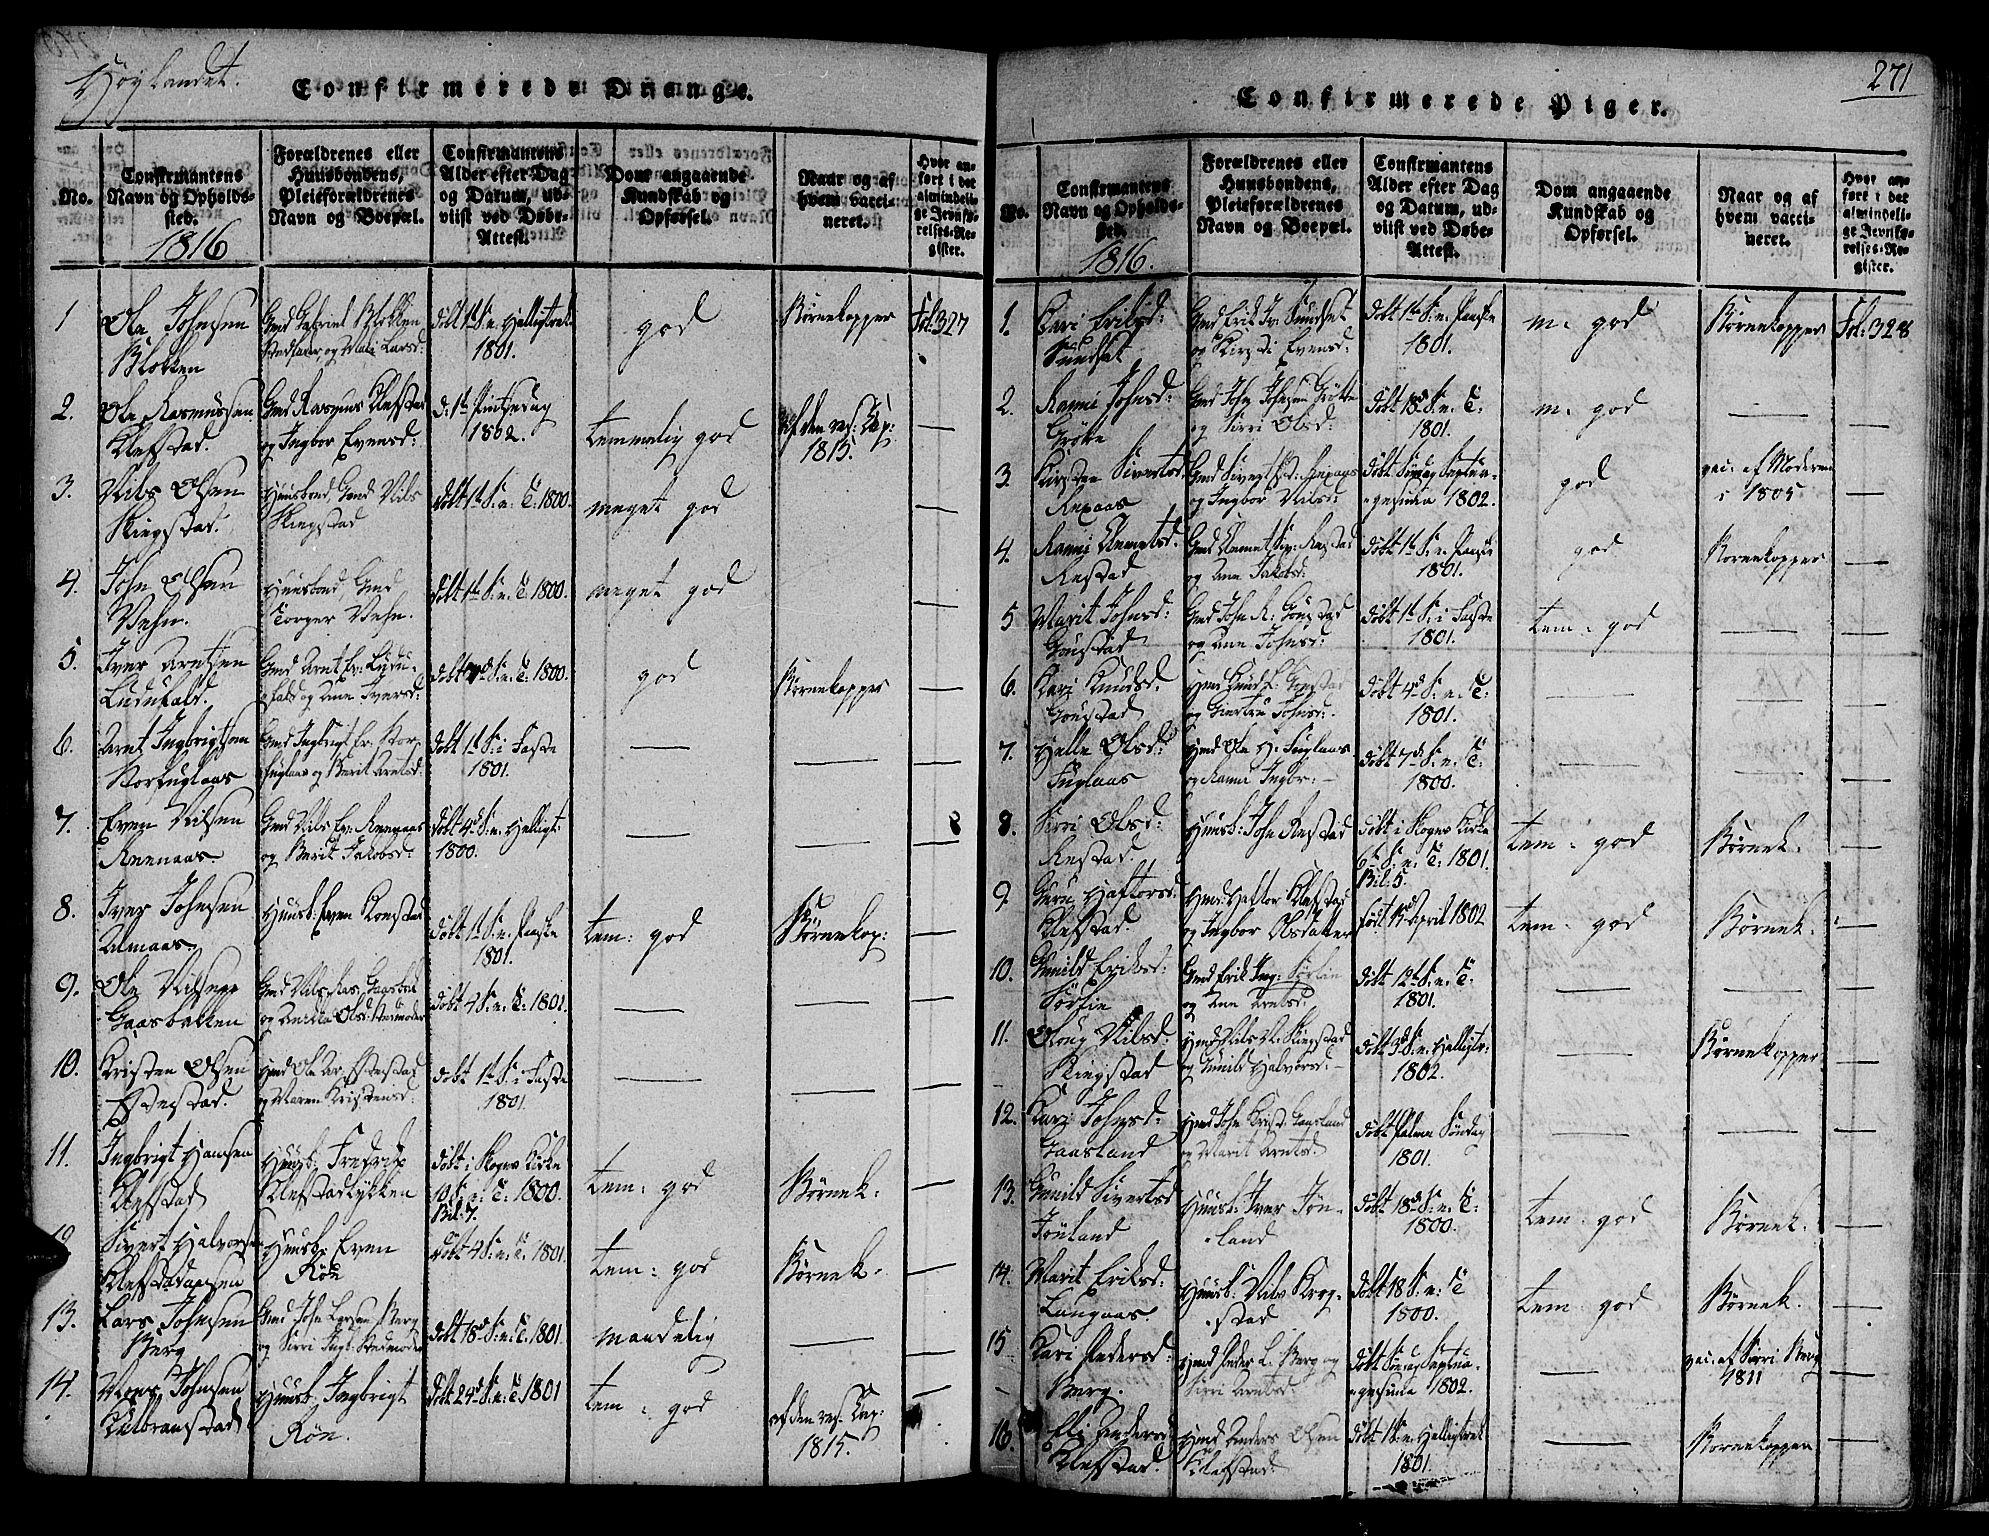 SAT, Ministerialprotokoller, klokkerbøker og fødselsregistre - Sør-Trøndelag, 691/L1068: Ministerialbok nr. 691A03 /4, 1816-1826, s. 271